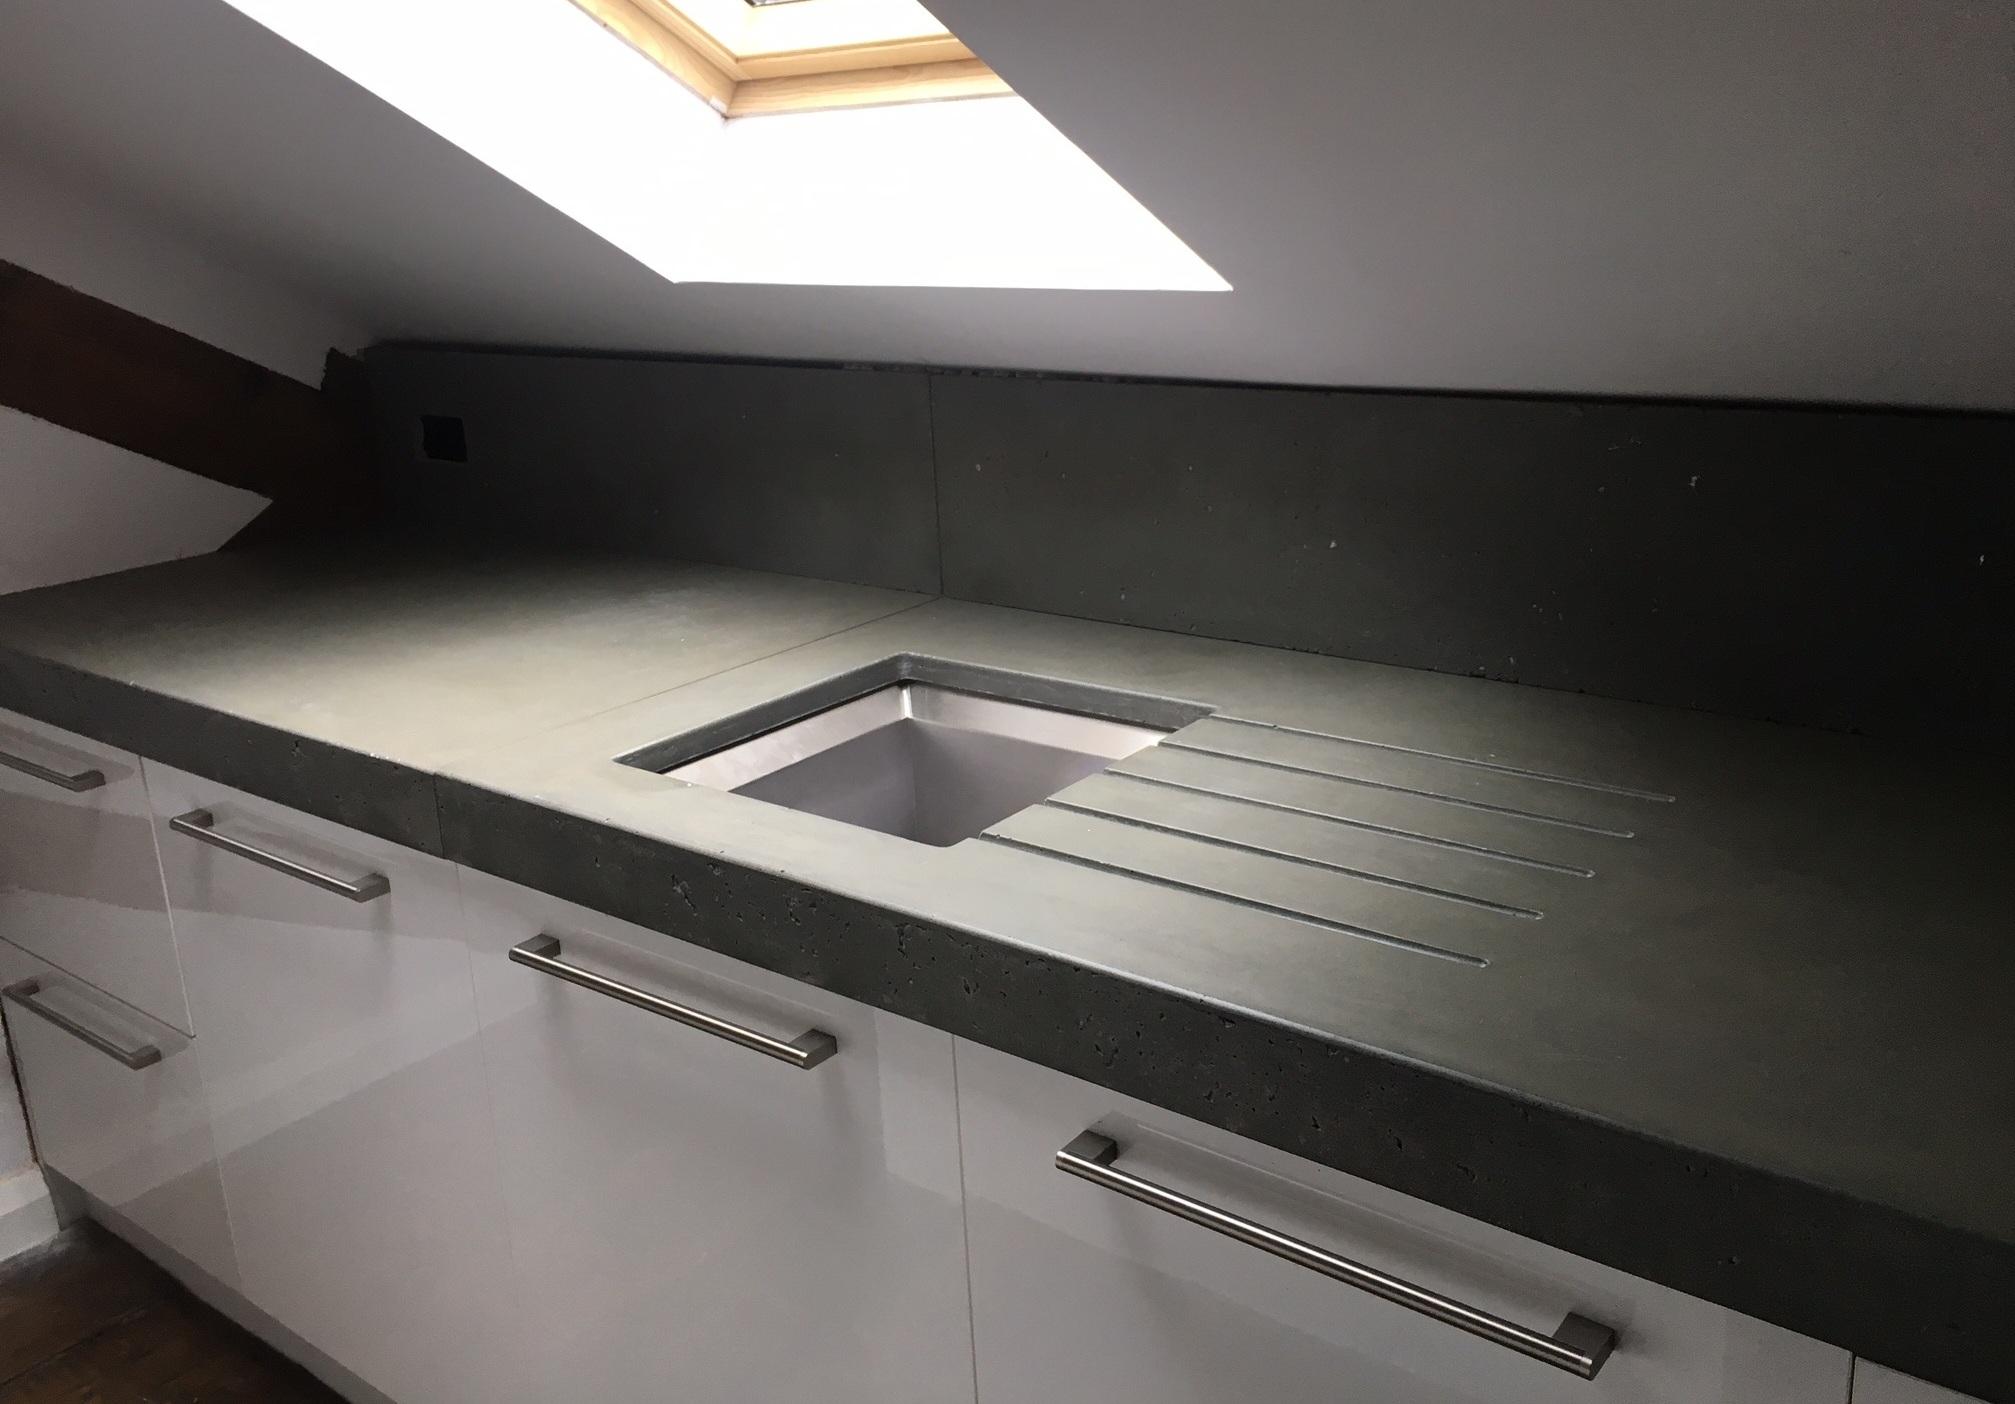 Forma-studios-concrete-worktop-kitchen.jpg